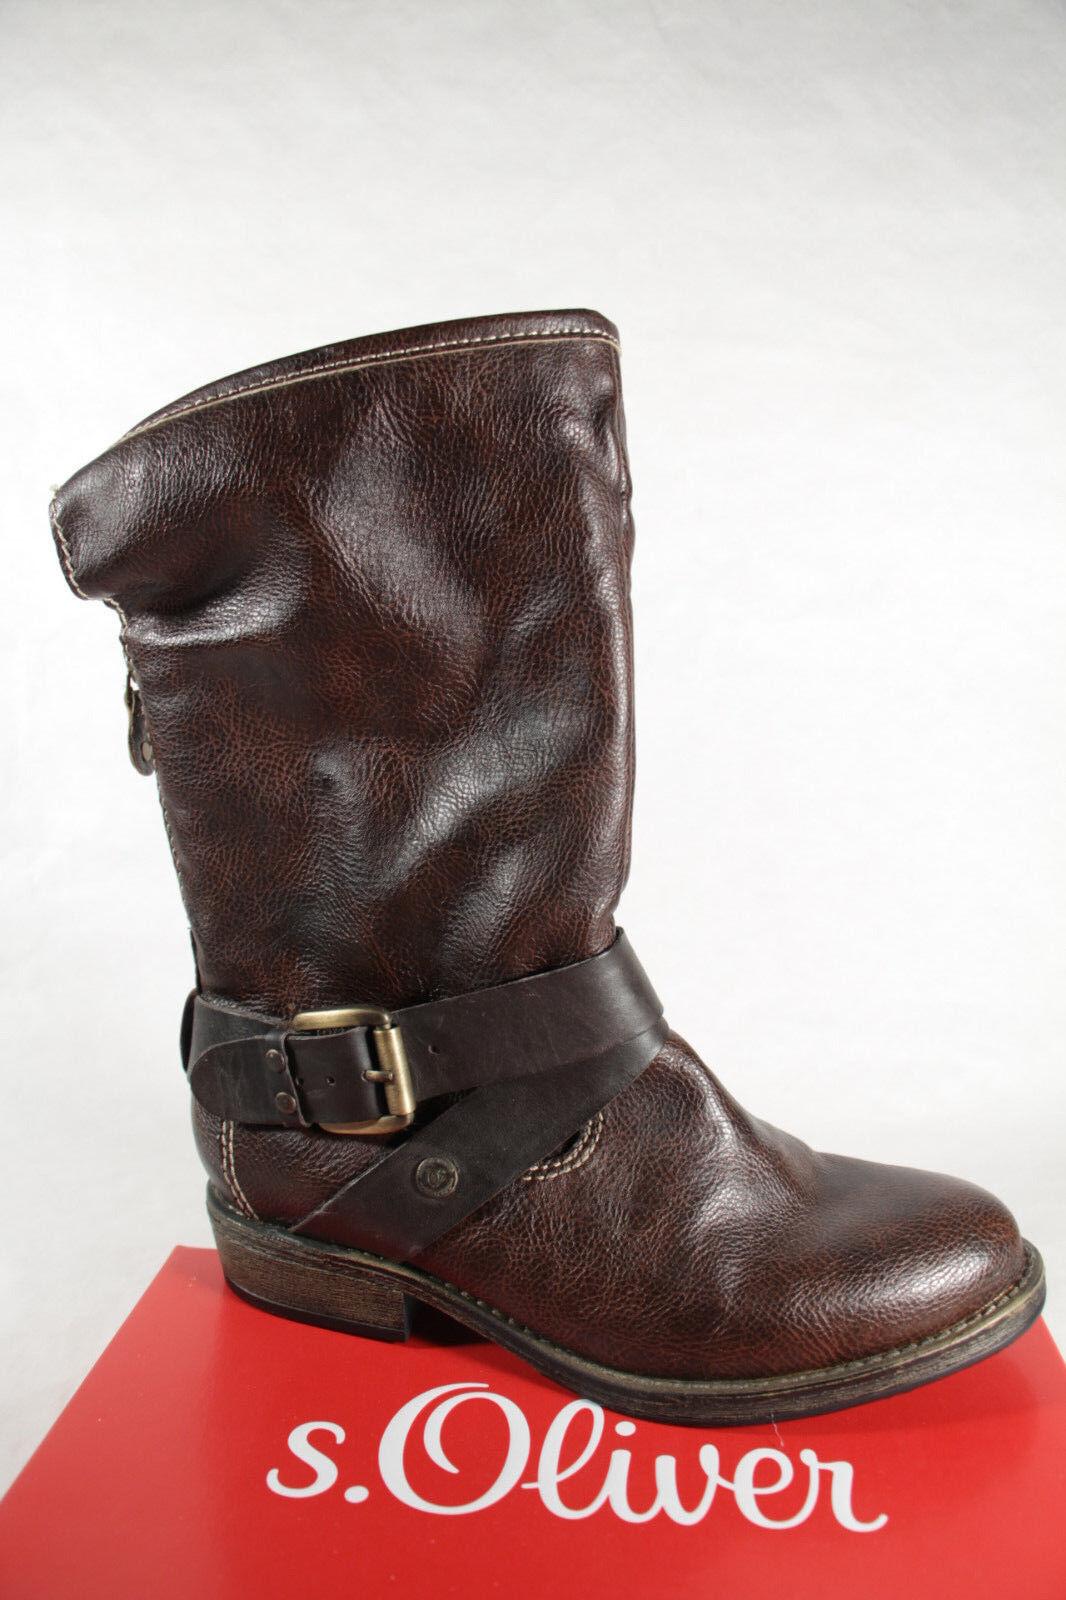 S.OLIVER 26350 botas, botas, botas, Botines botas de Invierno Marrón Nuevo  saludable